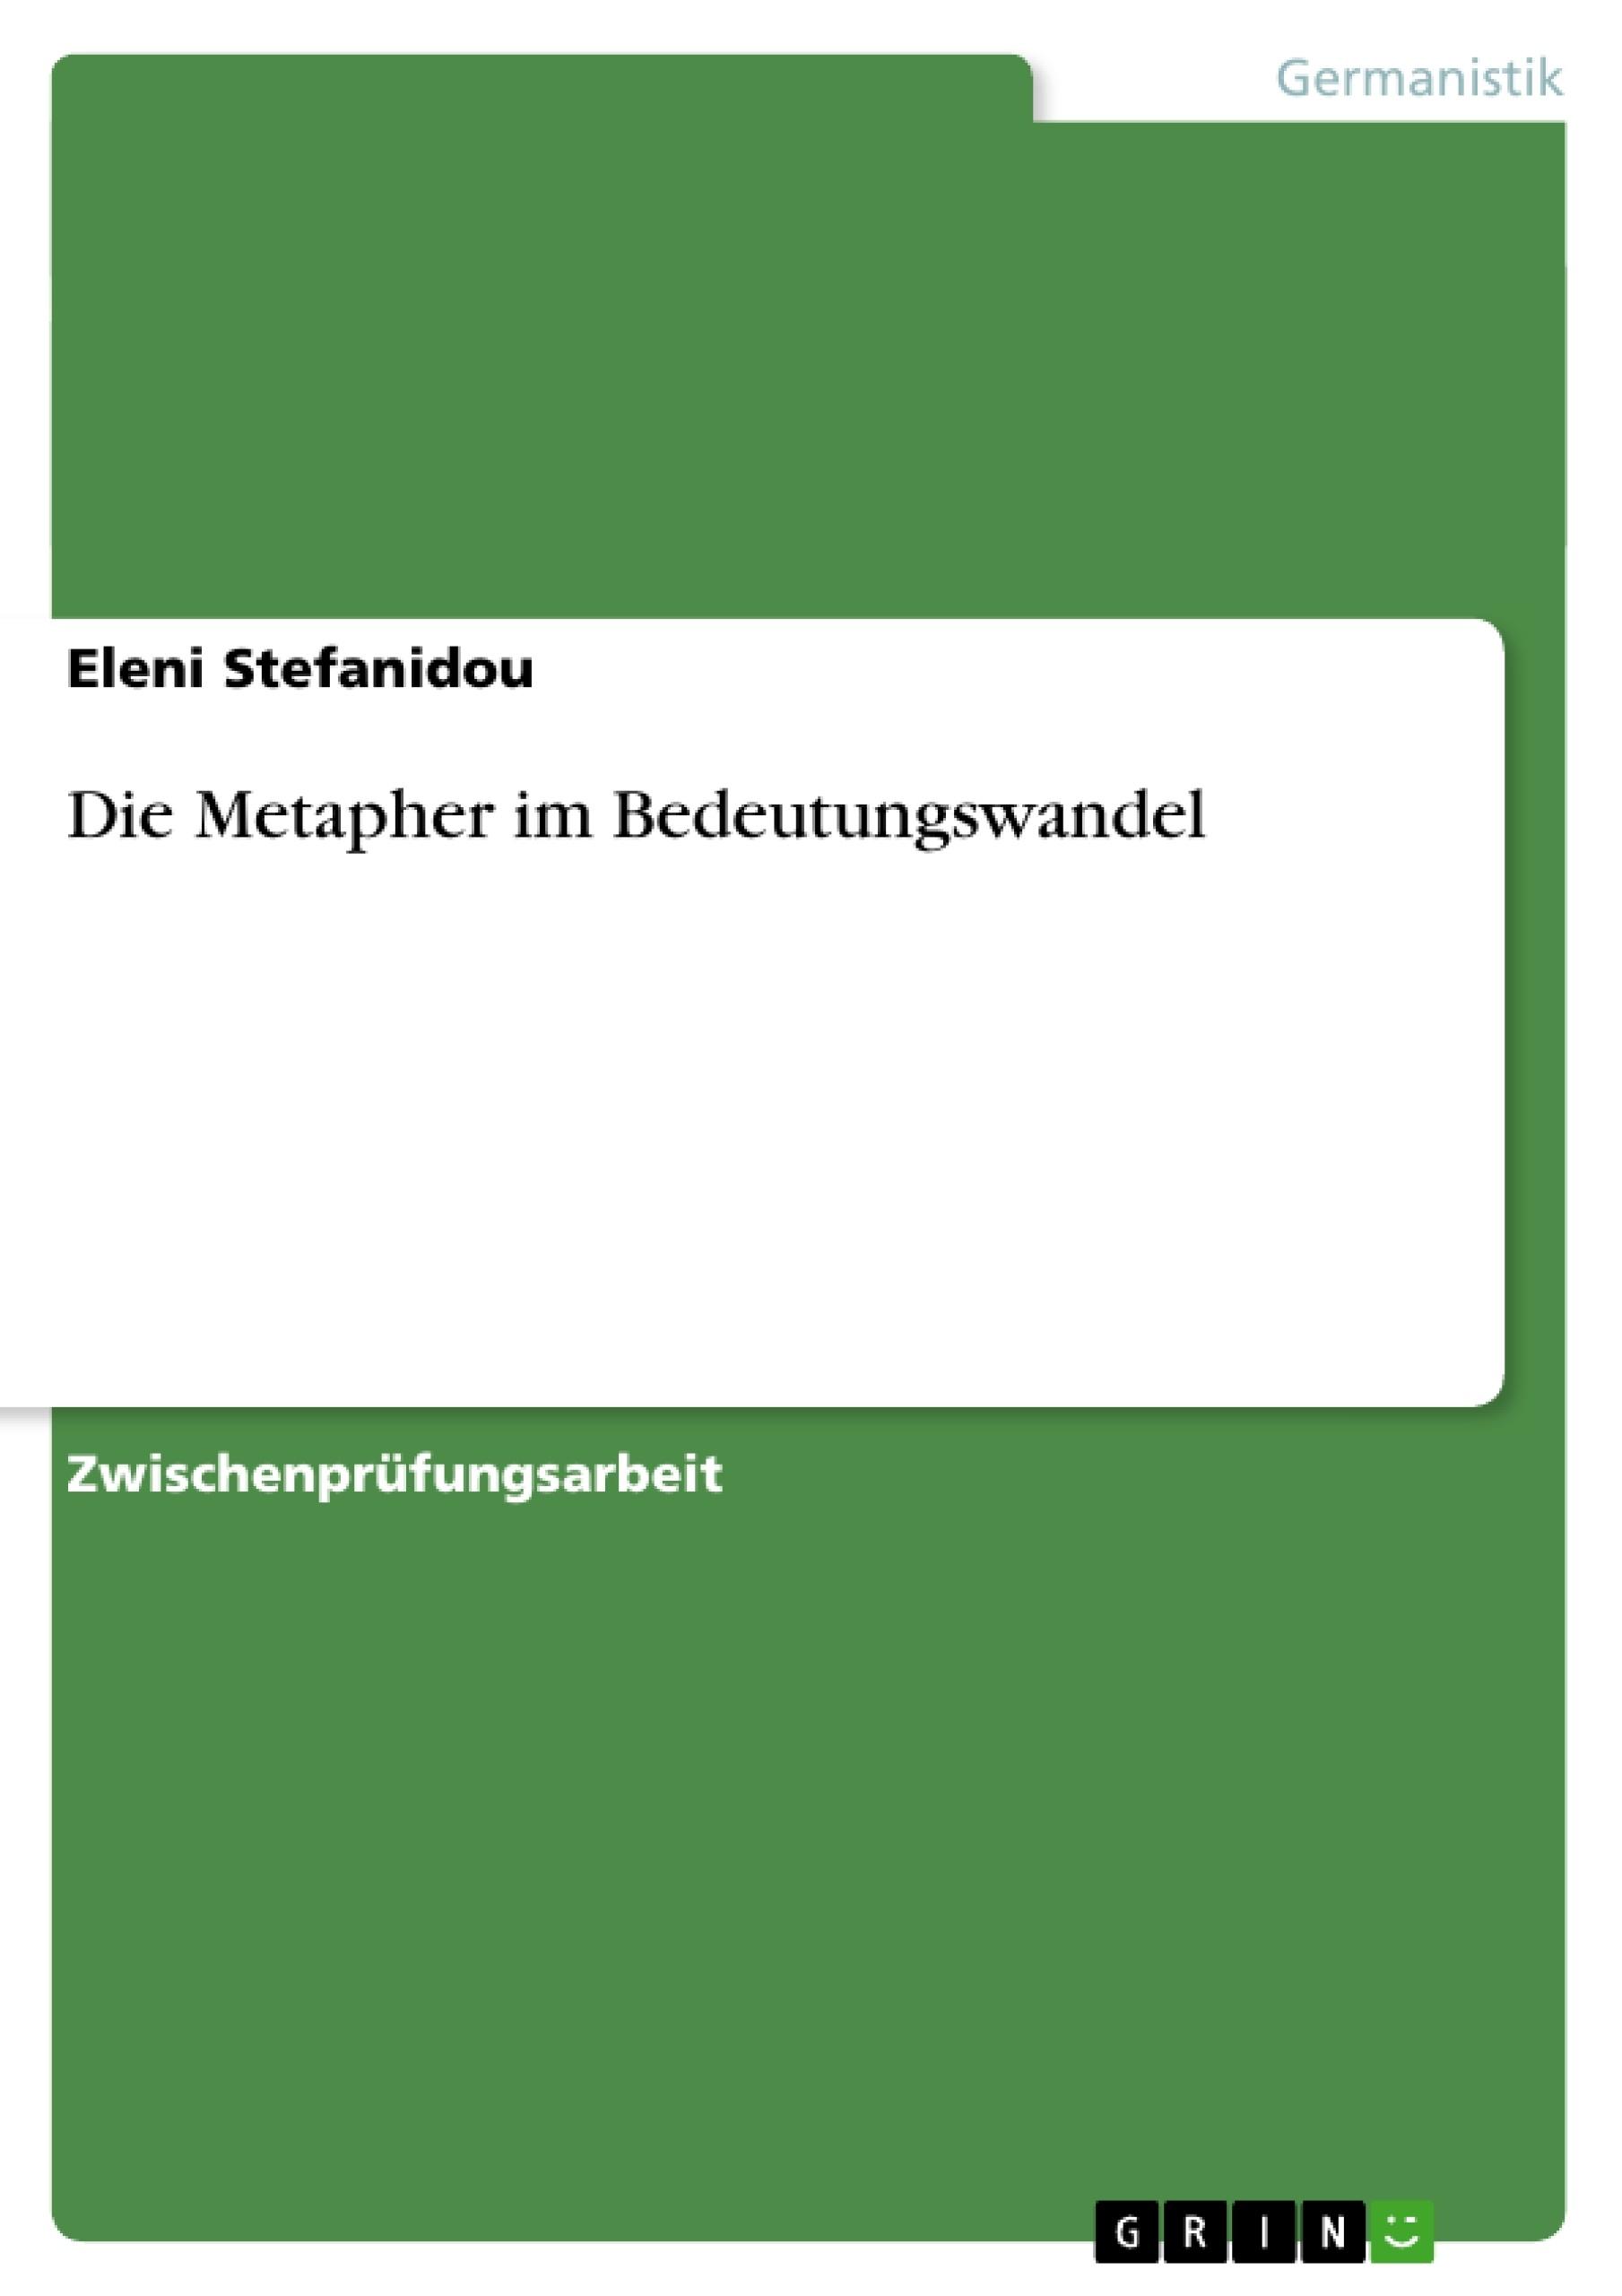 Titel: Die Metapher im Bedeutungswandel